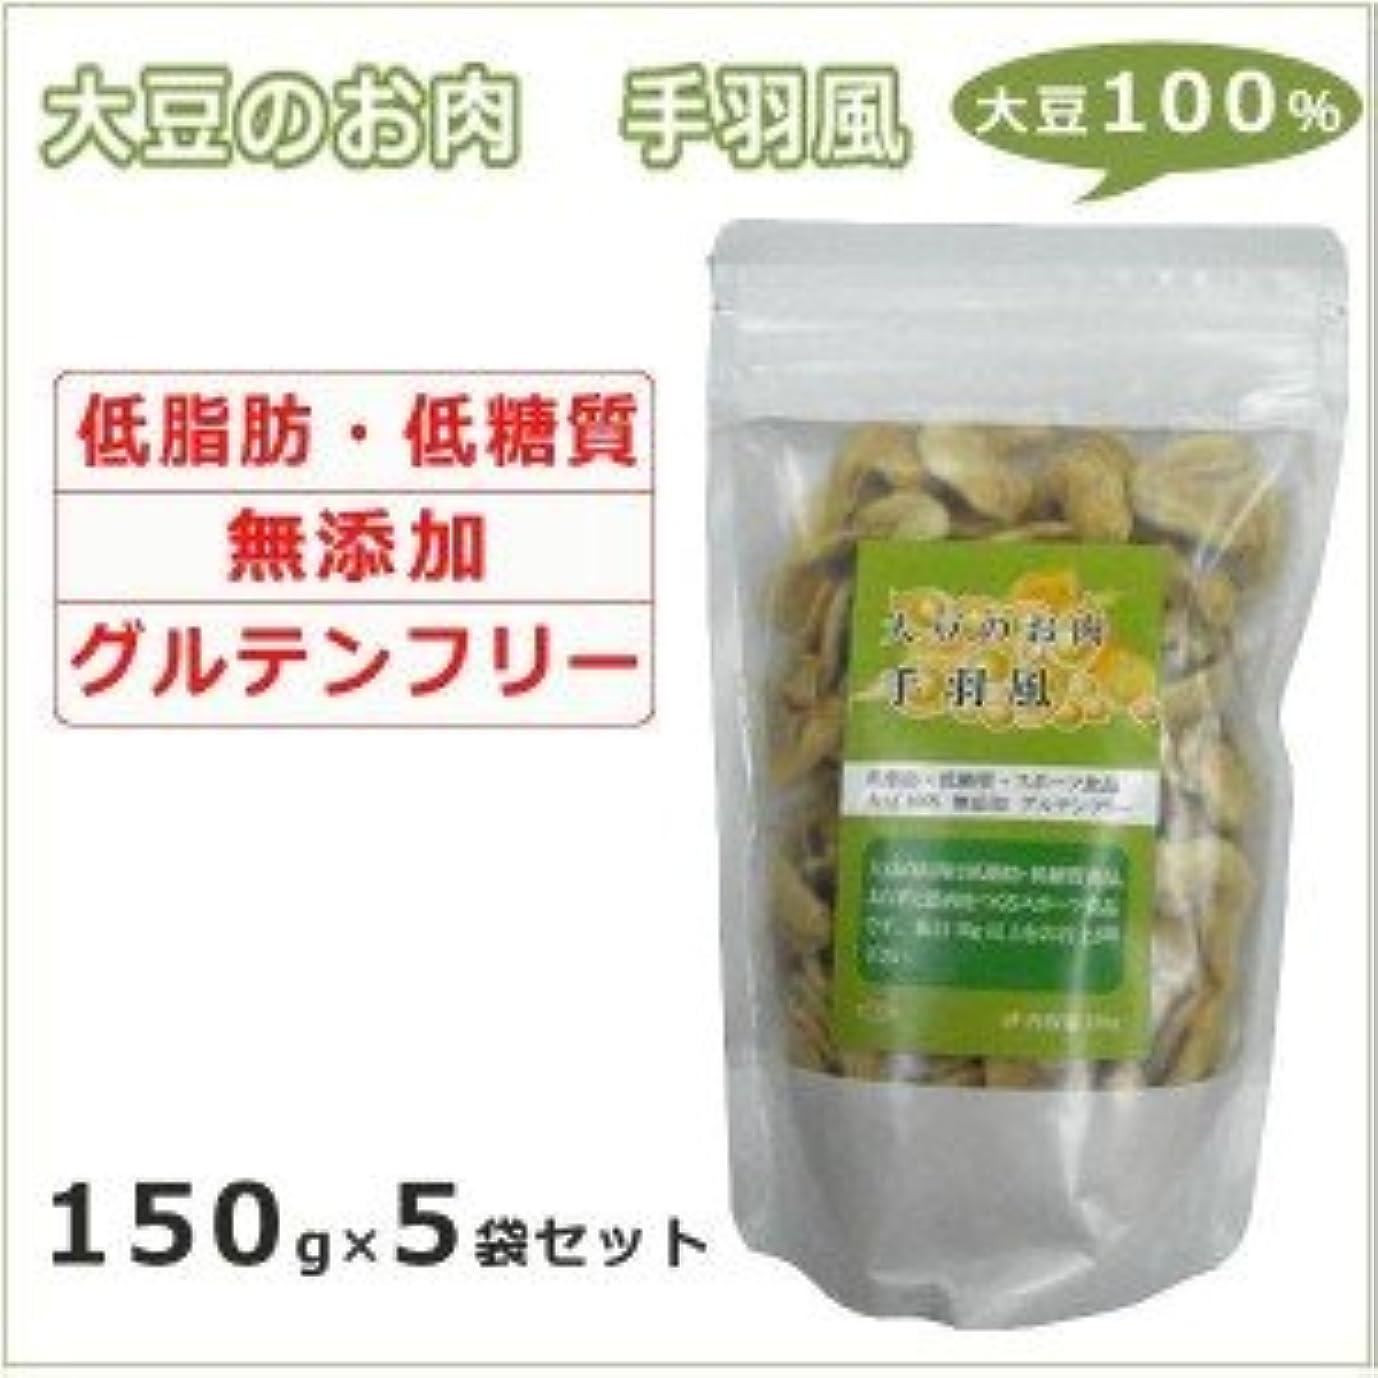 立ち向かう窓を洗う好戦的な大豆のお肉 ソイミート 手羽風 150g×5袋